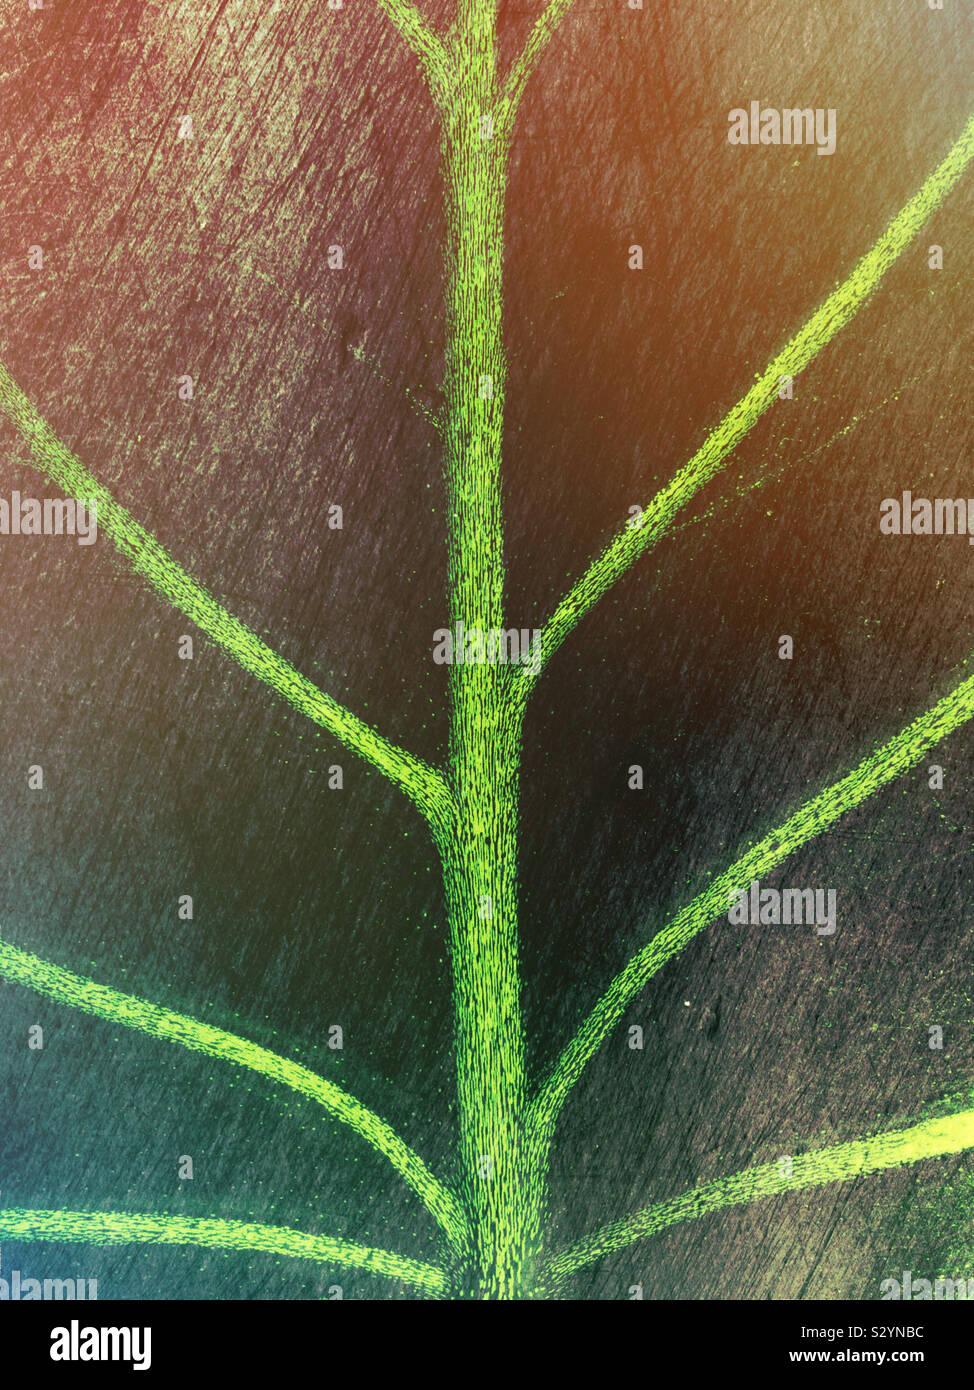 Estremi simmetrici closeup di tropicale a foglia verde che mostra il design della lama di balestra, il controfiletto e le vene. Questa immagine ha un effetto testurizzato. Foto Stock